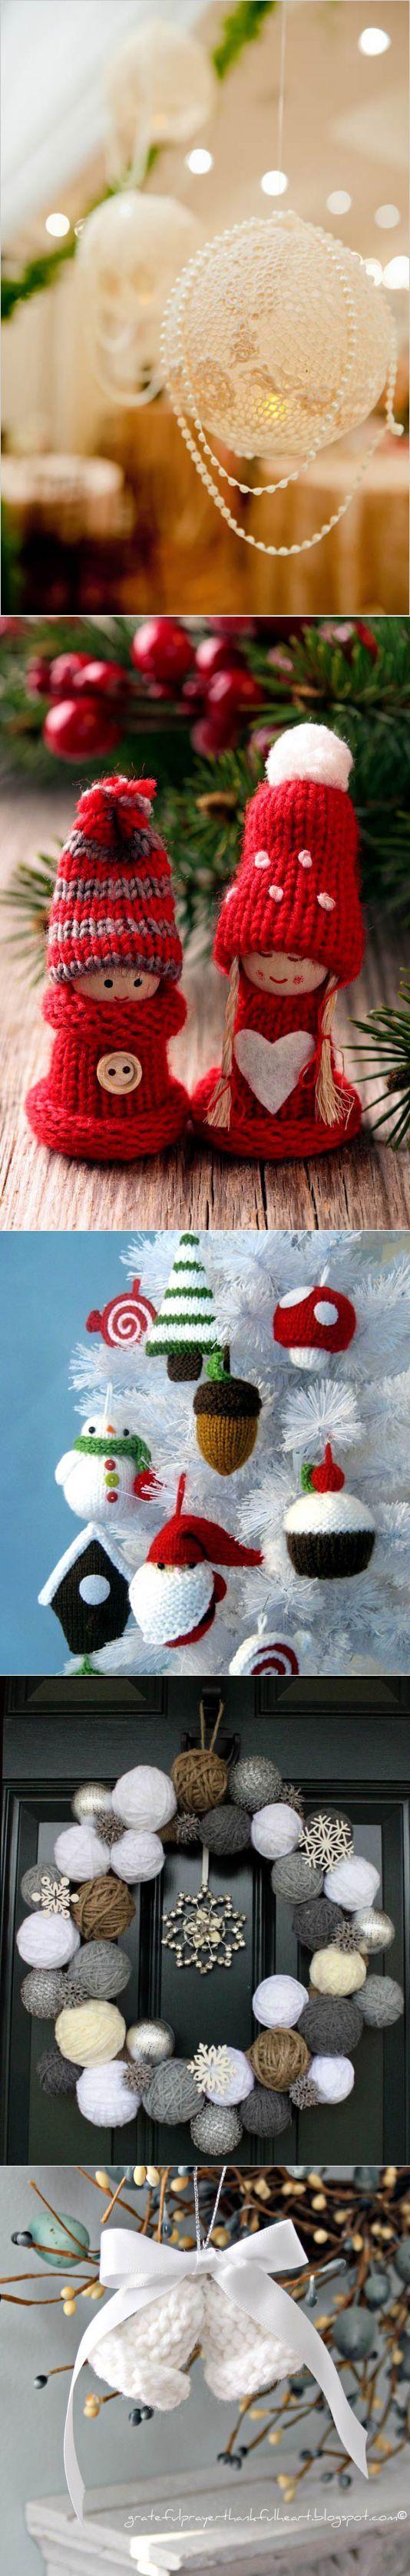 Новогодний декор – вязаные украшения своими руками | Новый год и Рождество | Постила